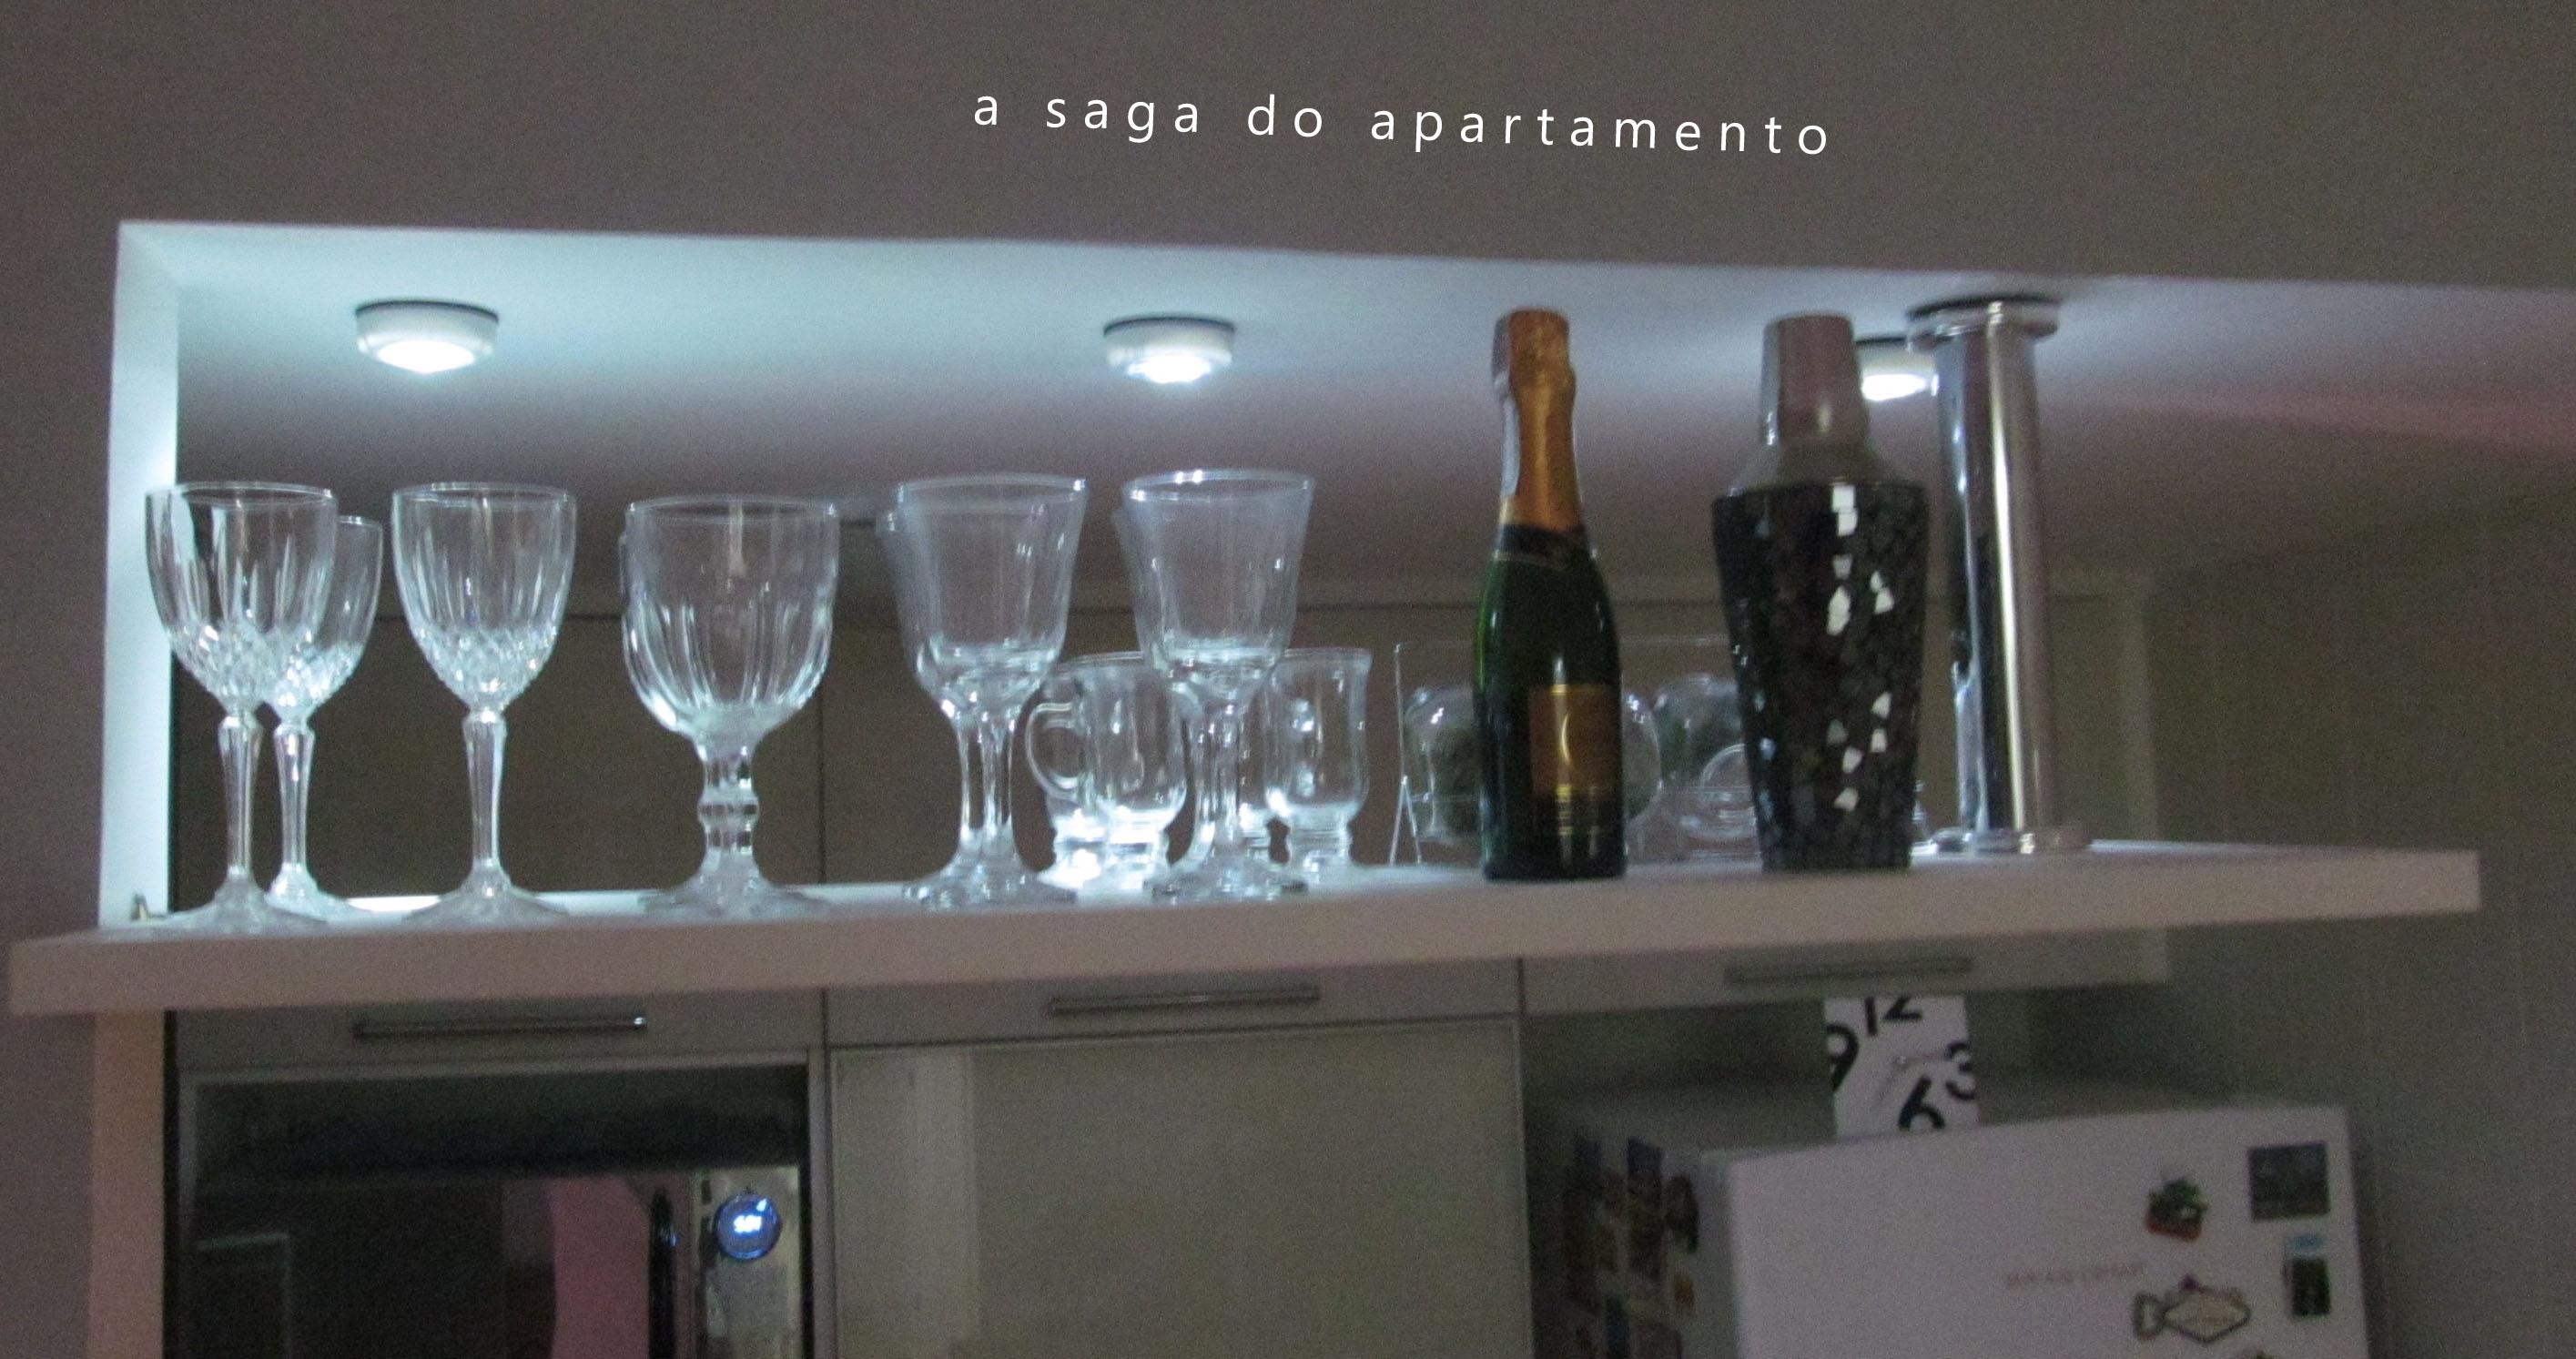 #40768B Cozinha Americana Com Sala De Jantar Pelautscom Car Interior Design 2830x1493 px Banquetas Para Cozinha Americanas #1585 imagens